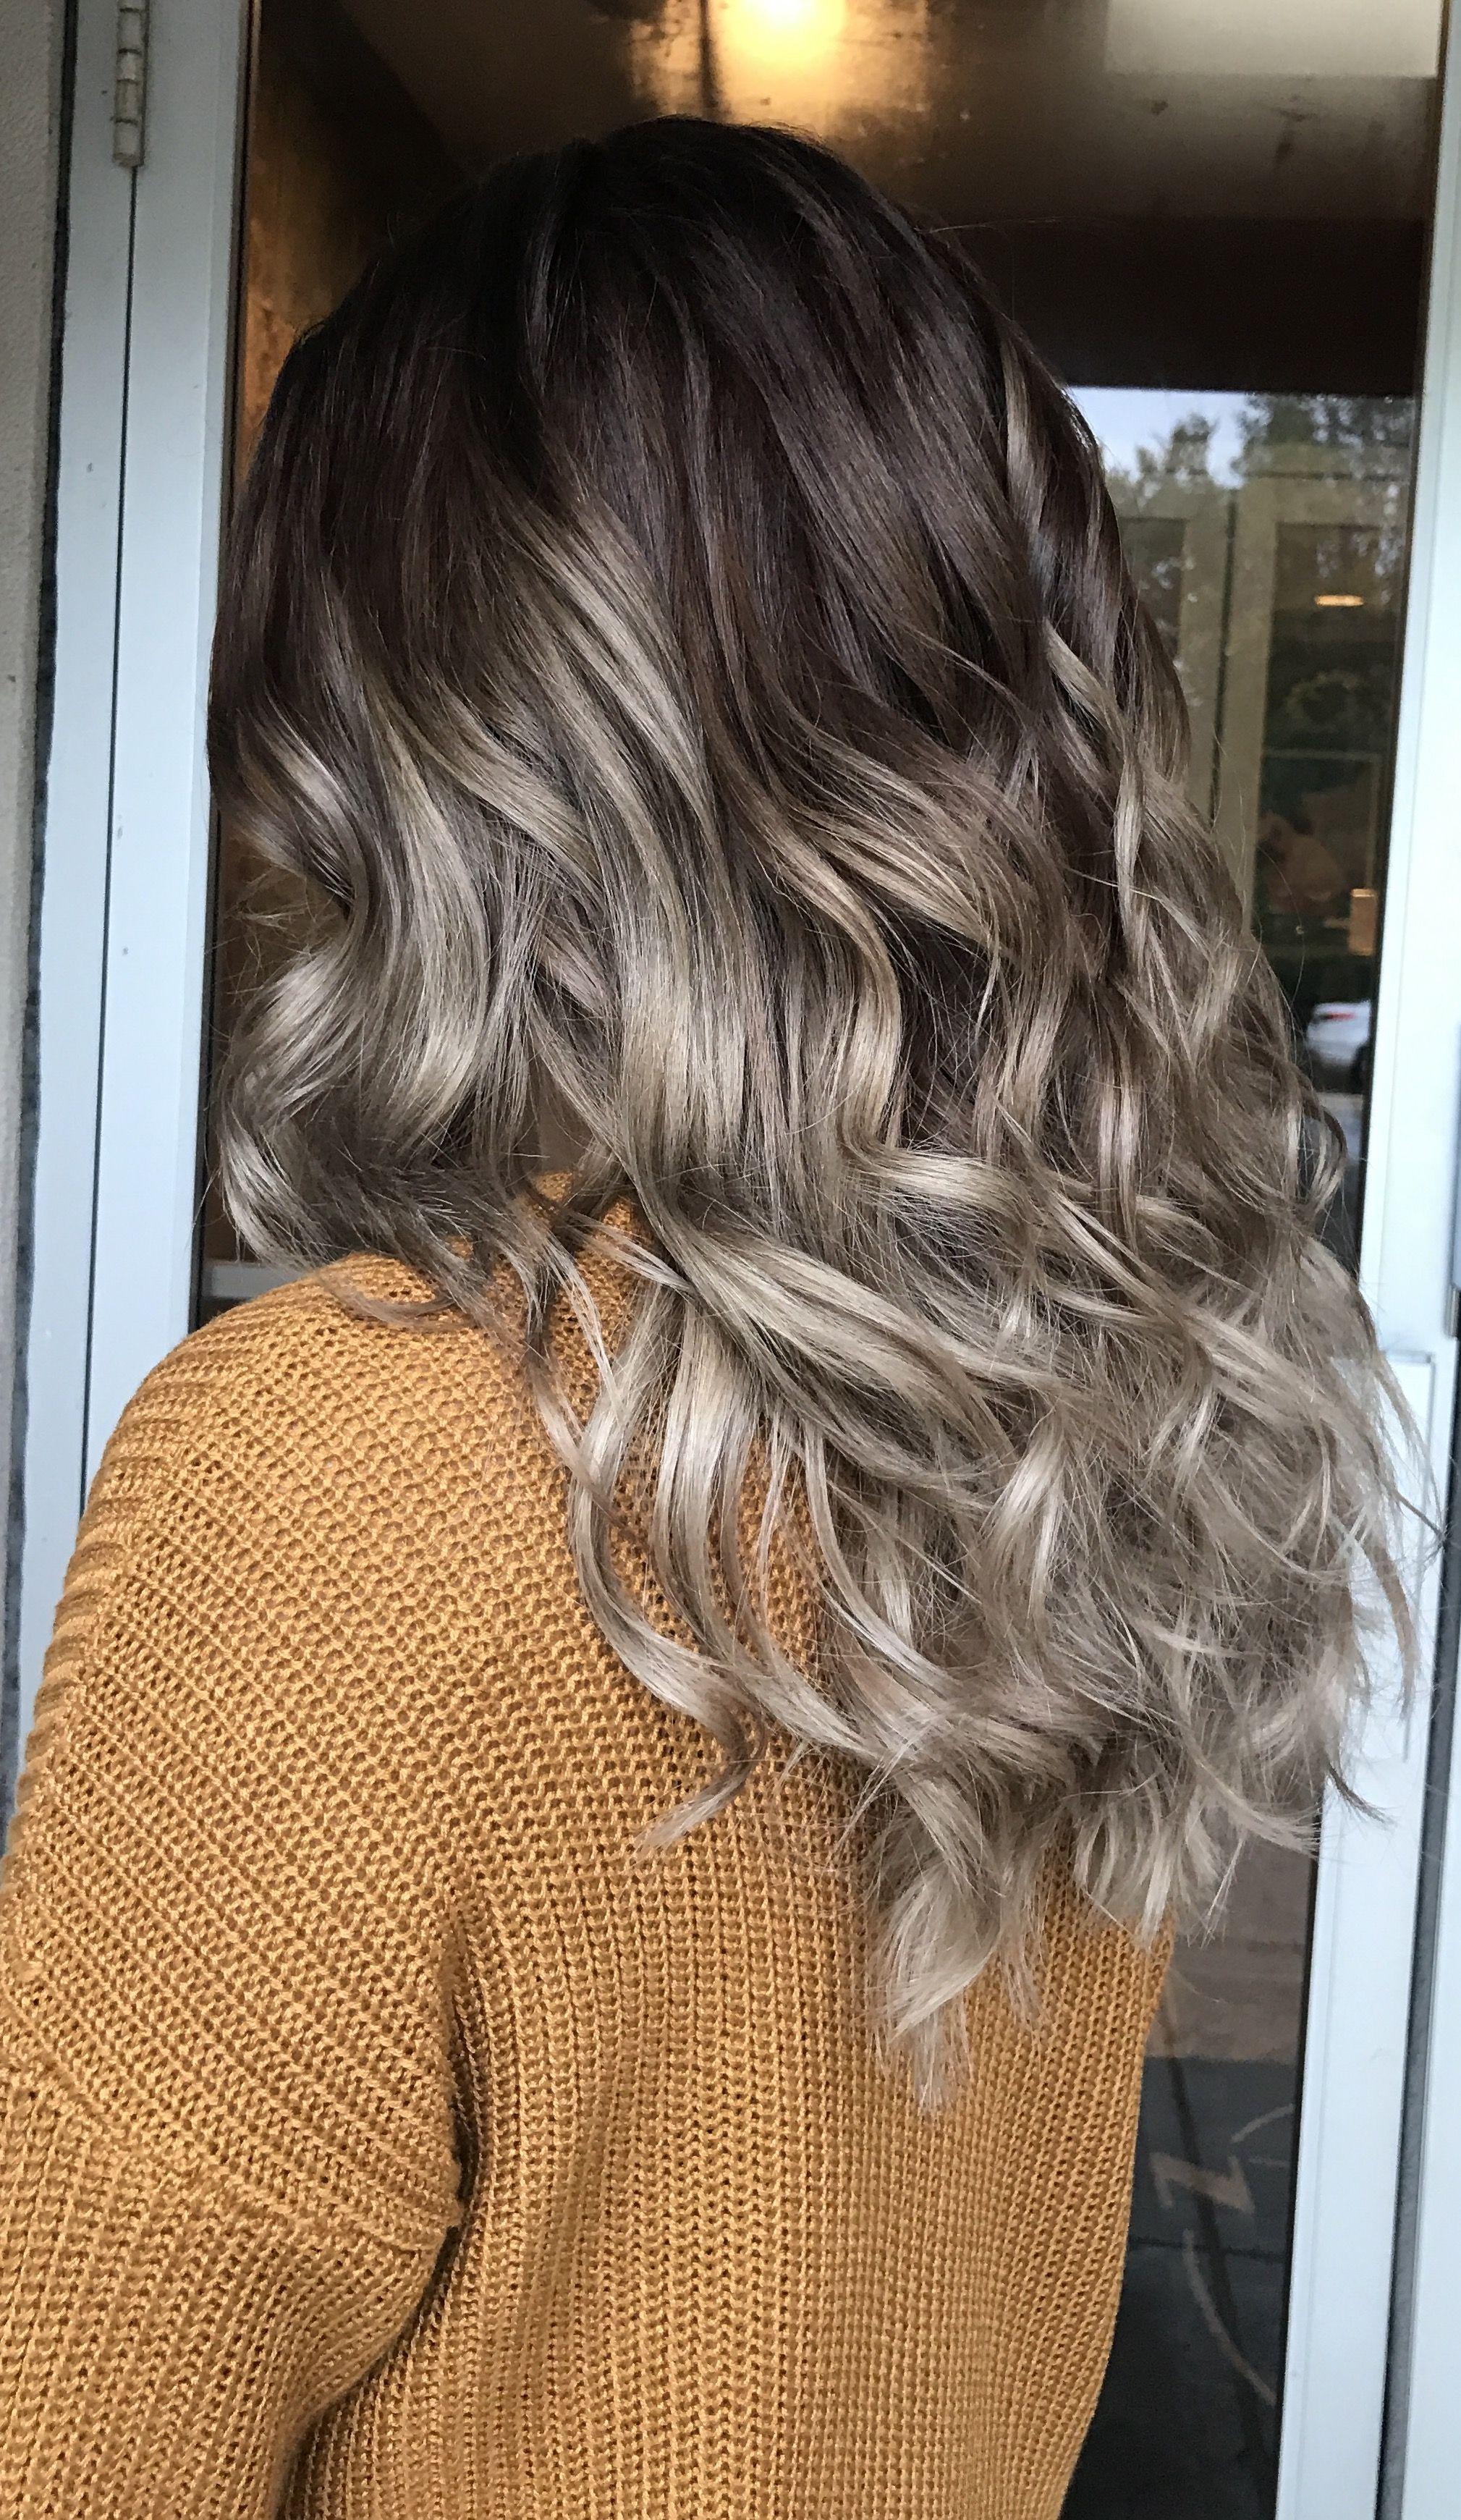 Ashy Fall Hair ️ Mushroom Brown Hair Goals Pinterest